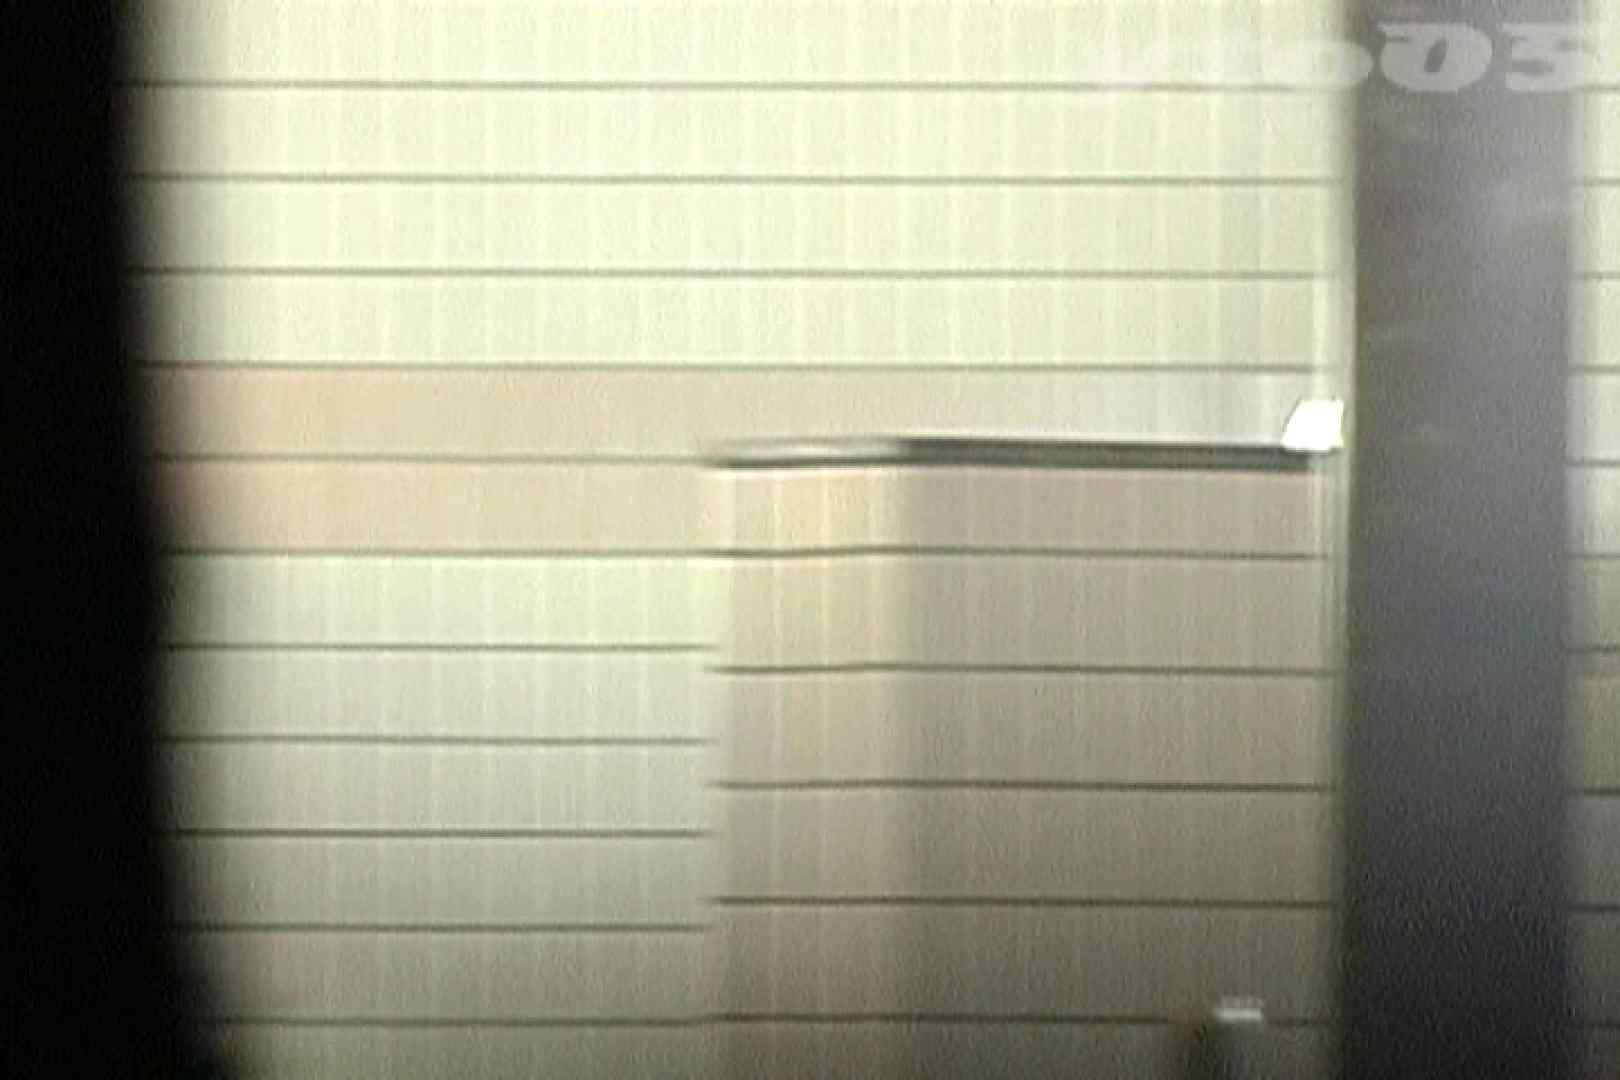 ▲復活限定▲合宿ホテル女風呂盗撮 Vol.29 合宿中の女子 ヌード画像 91PIX 59